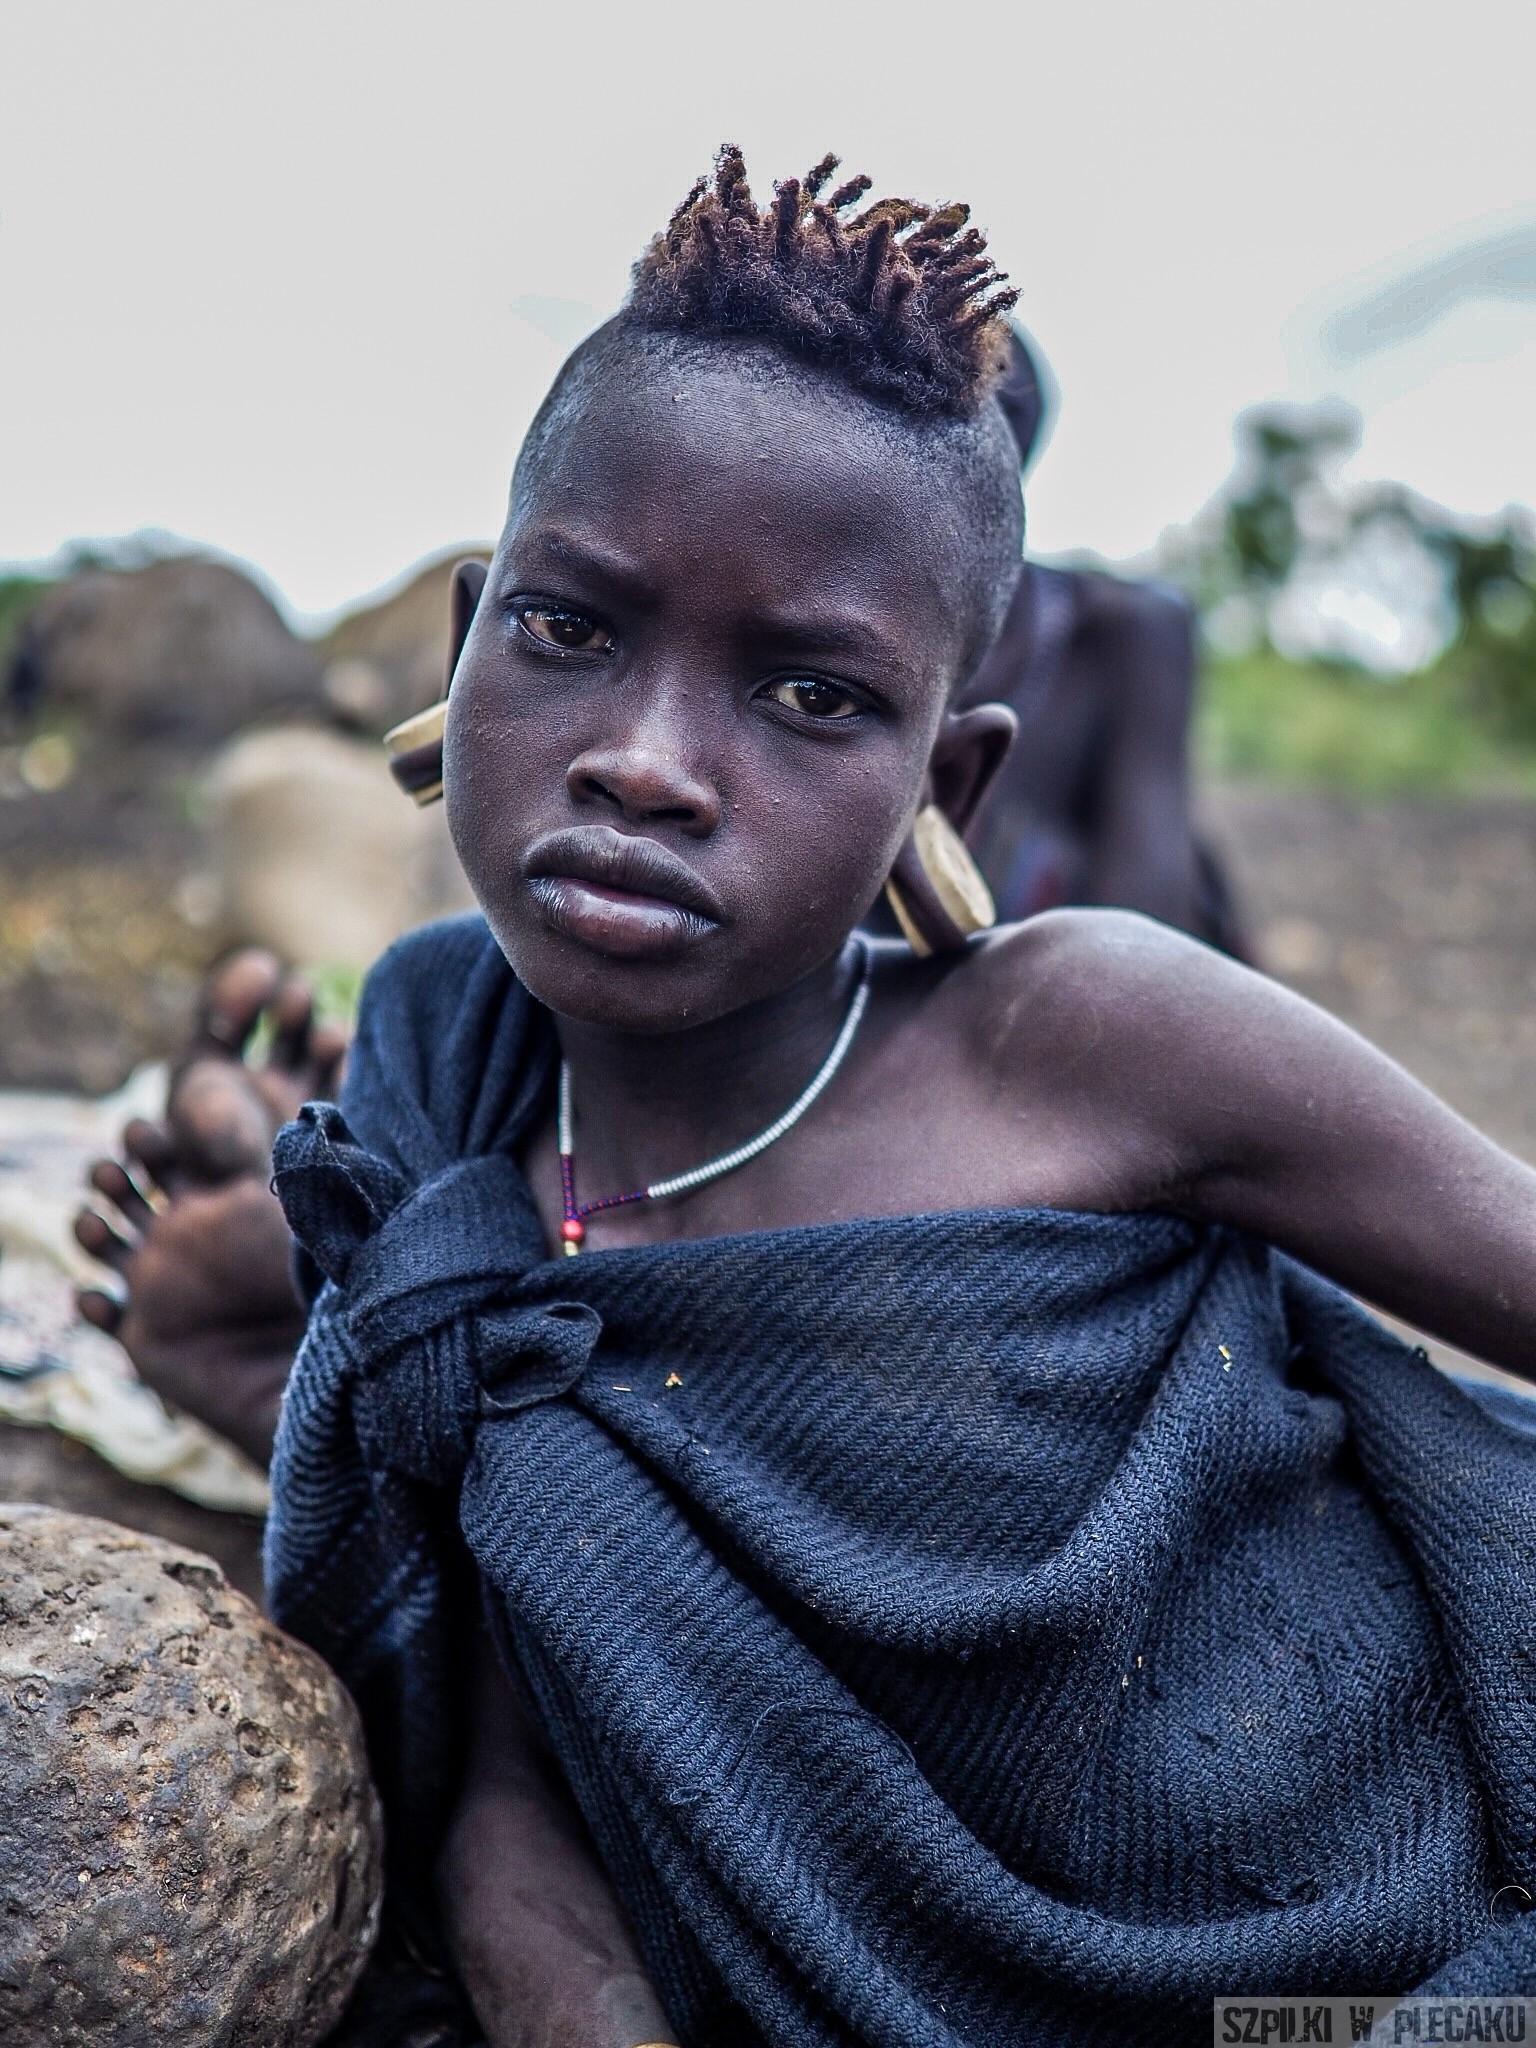 Mursi girl kobieta dziewczynka - plemiona Etiopii - Szpilki w plecaku